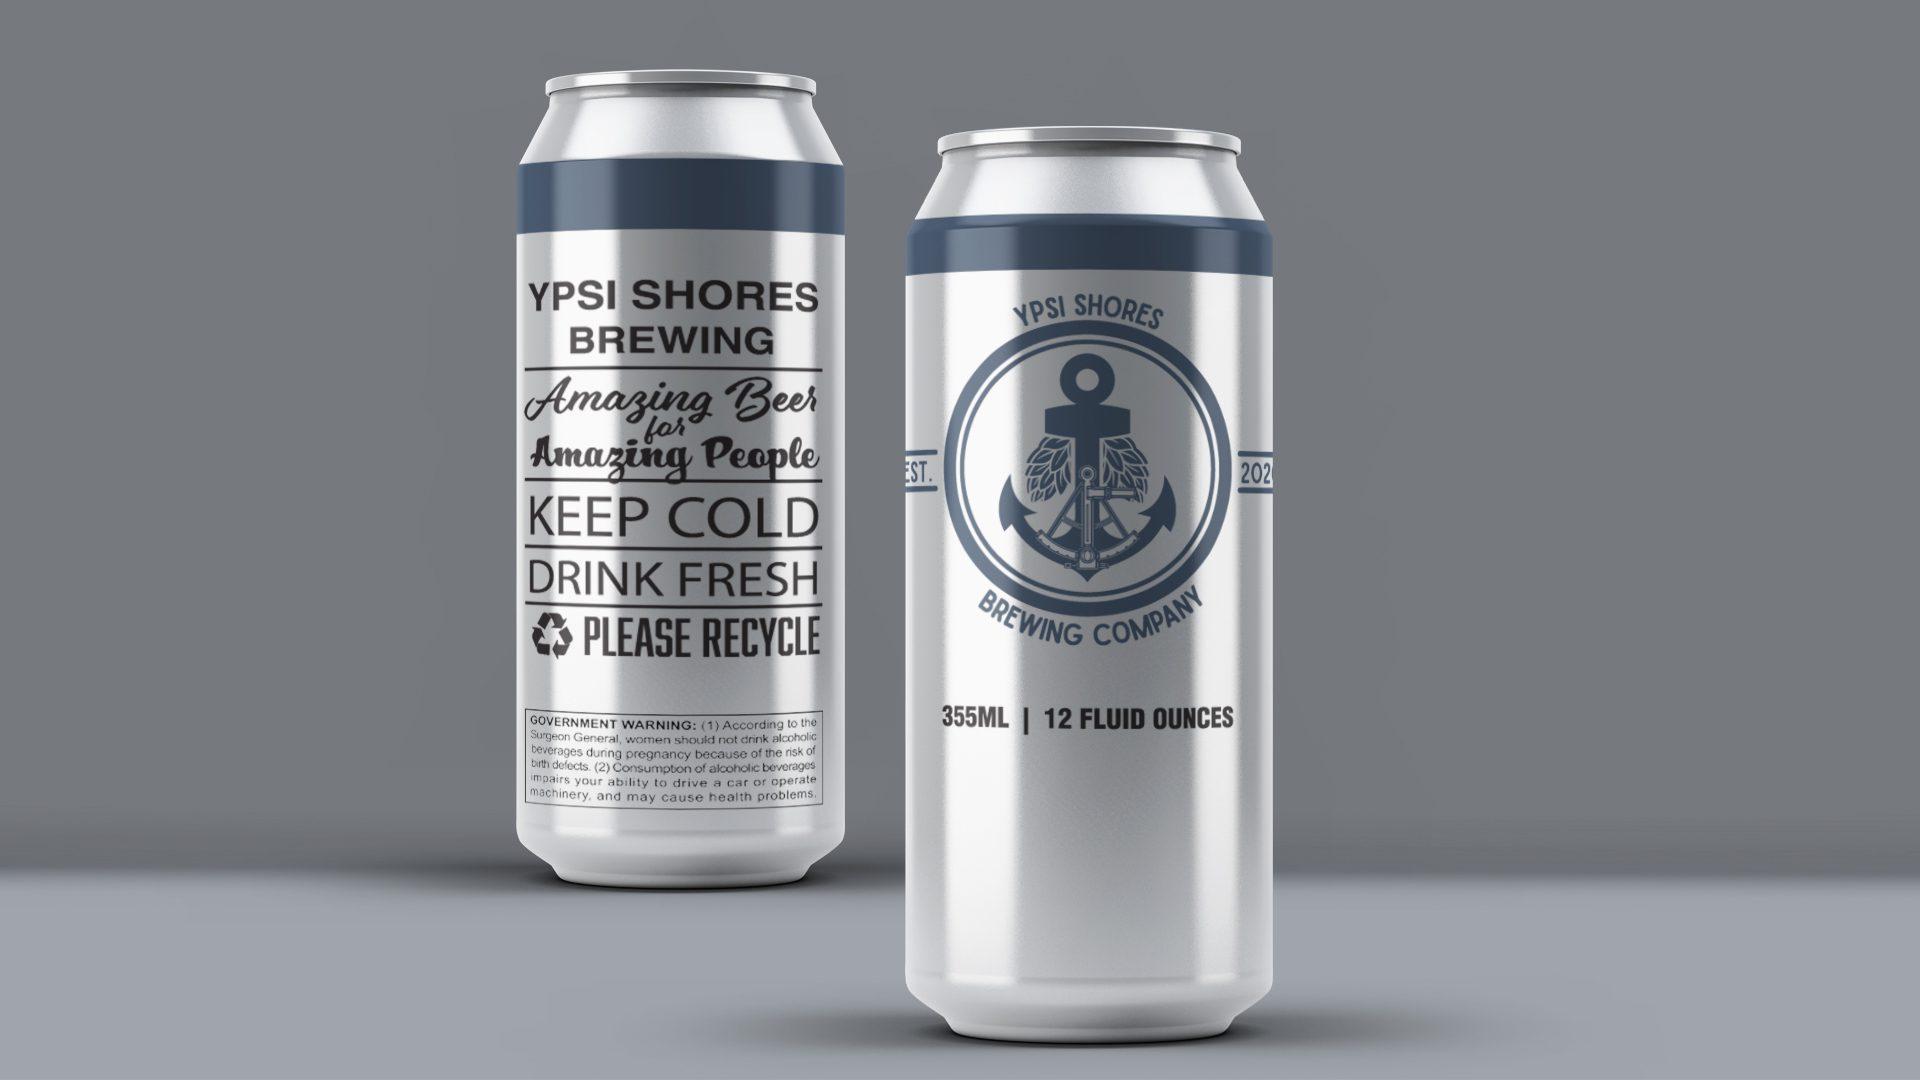 Ypsi Shores Brewing - 16 oz Can Label Mockup 02